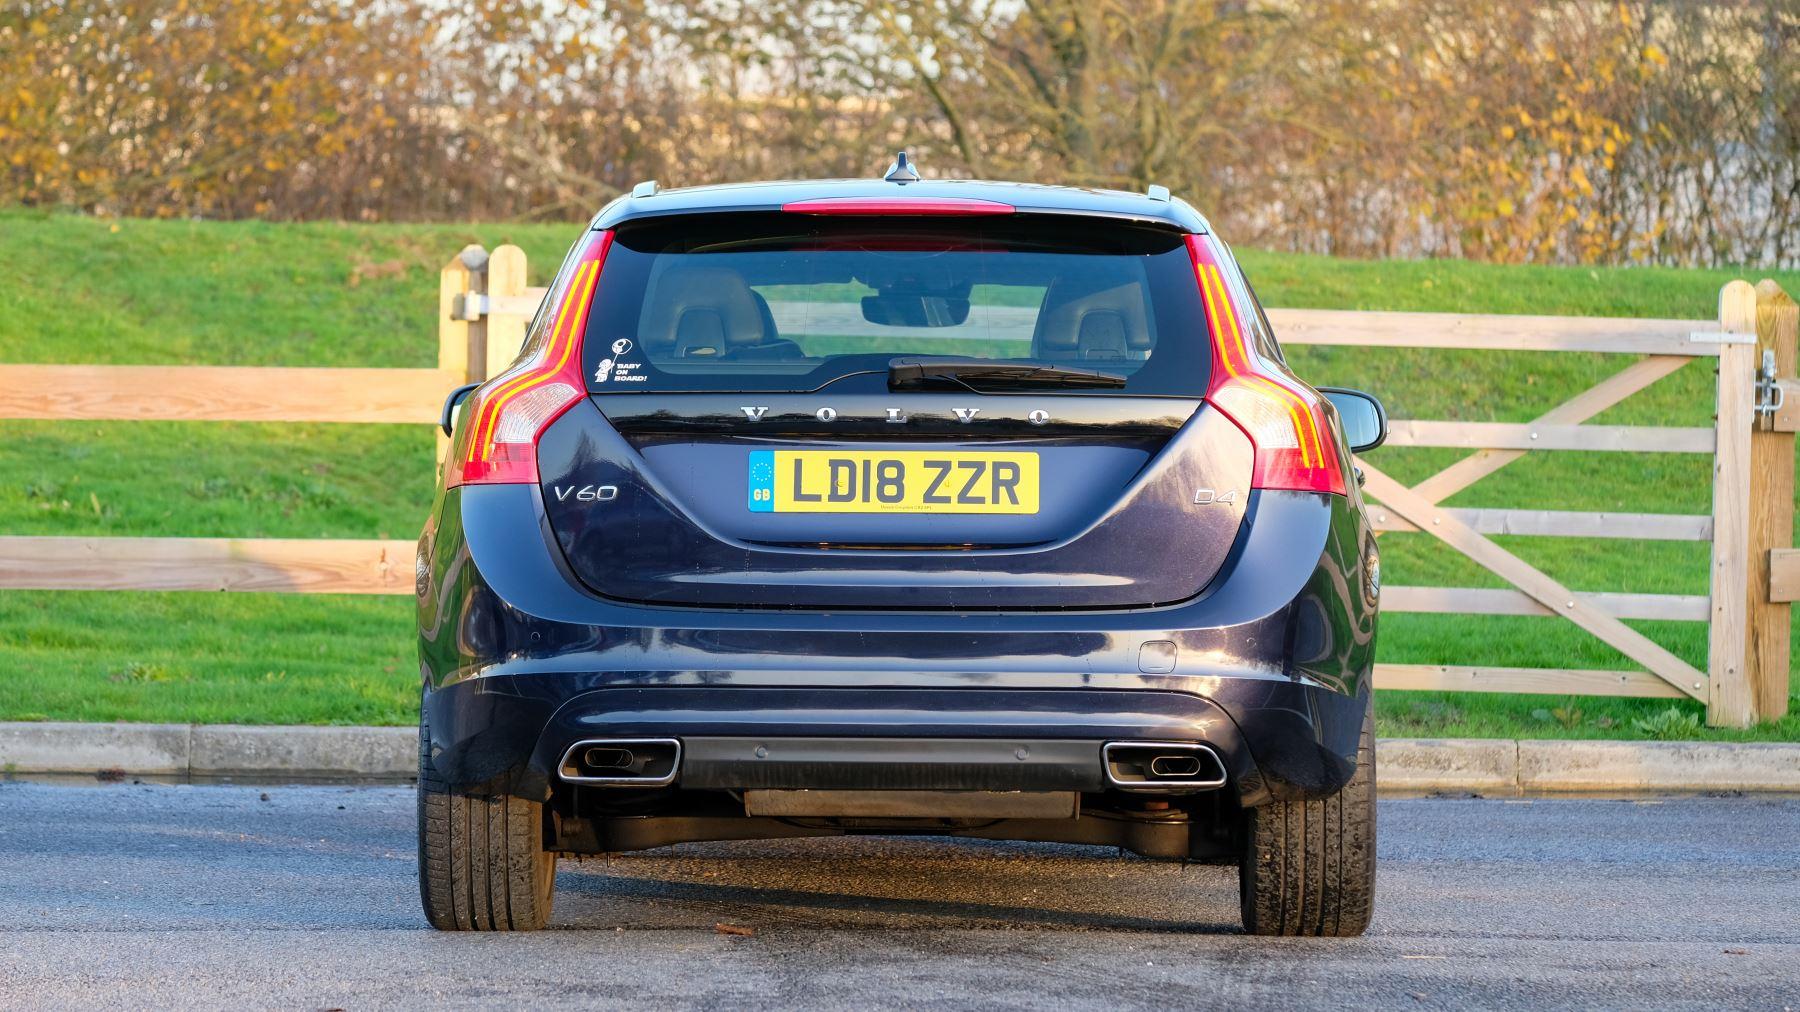 Volvo V60 D4 SE Lux Nav Auto, Winter Illumination & Family Pack, Sunroof, BLIS, VAT Reclaimable image 7